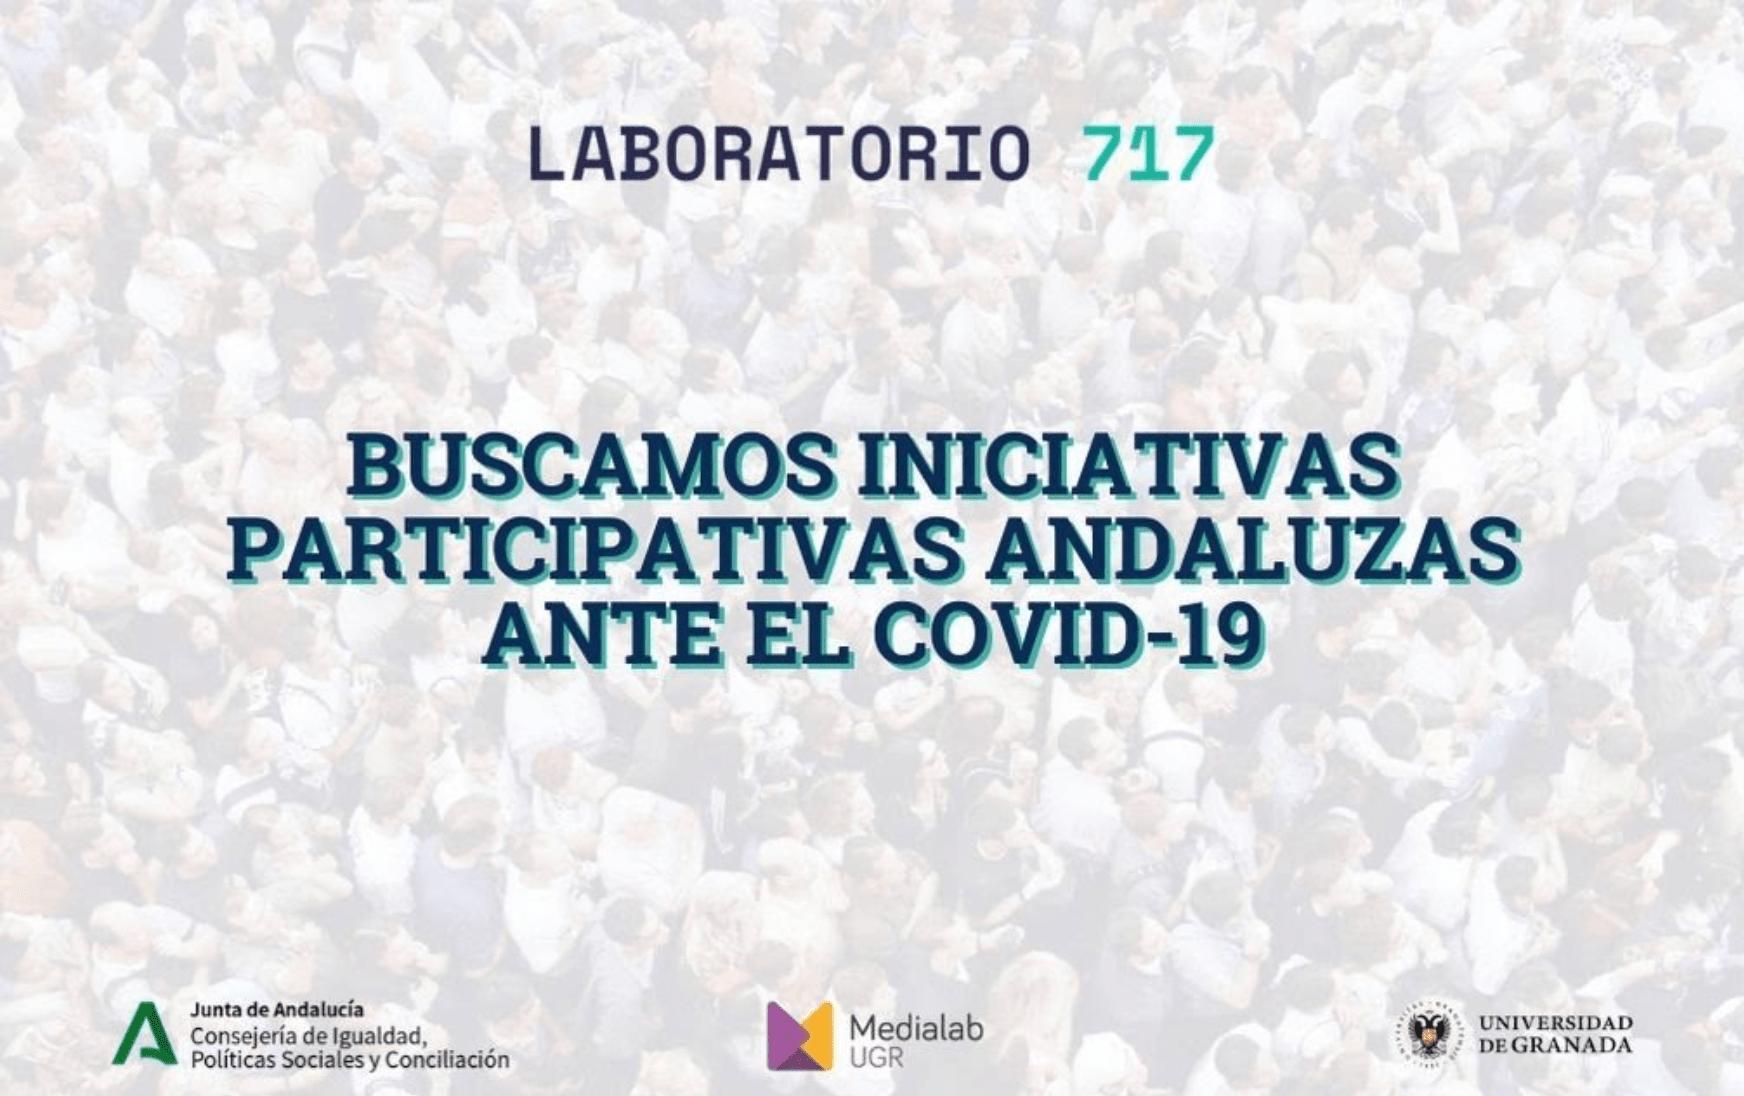 Imagen de la noticia Buscamos iniciativas de participación andaluzas ante la crisis del COVID-19